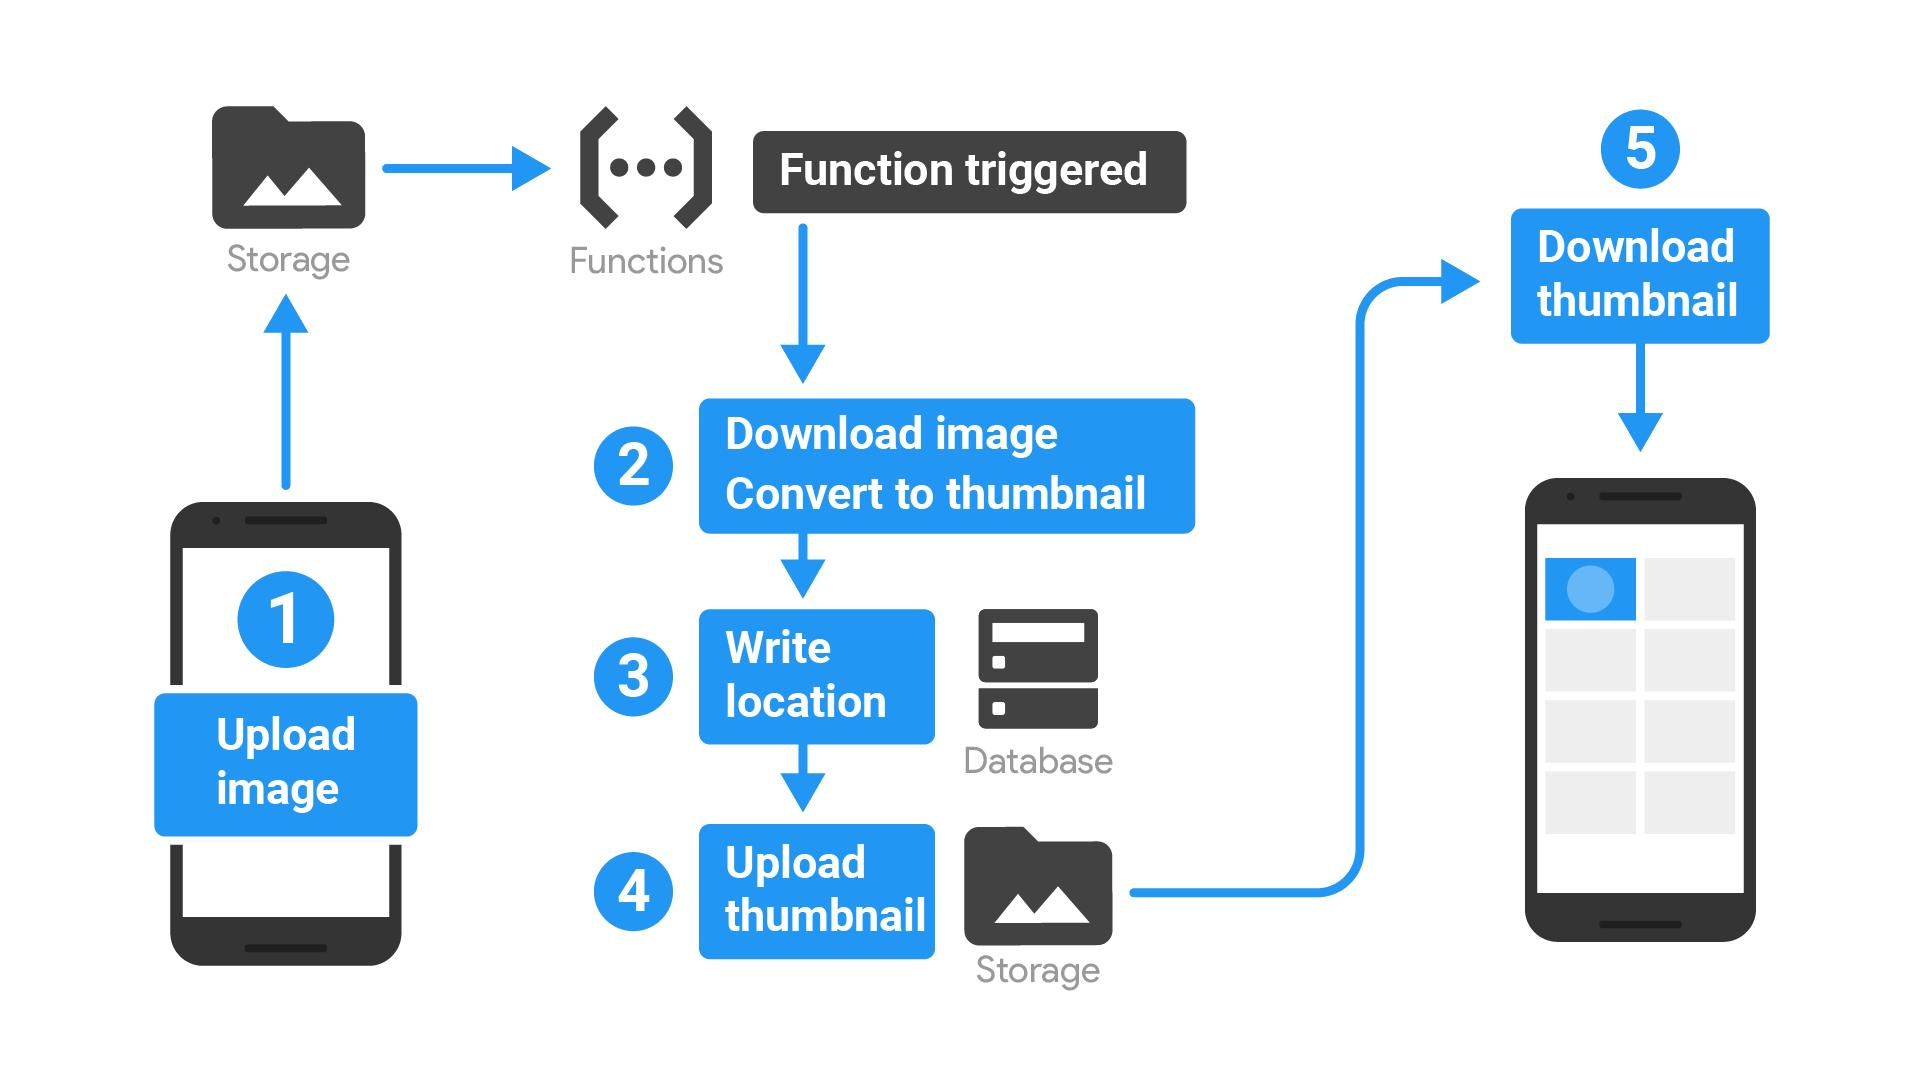 Diagrama mostrando o fluxo do app descrito abaixo